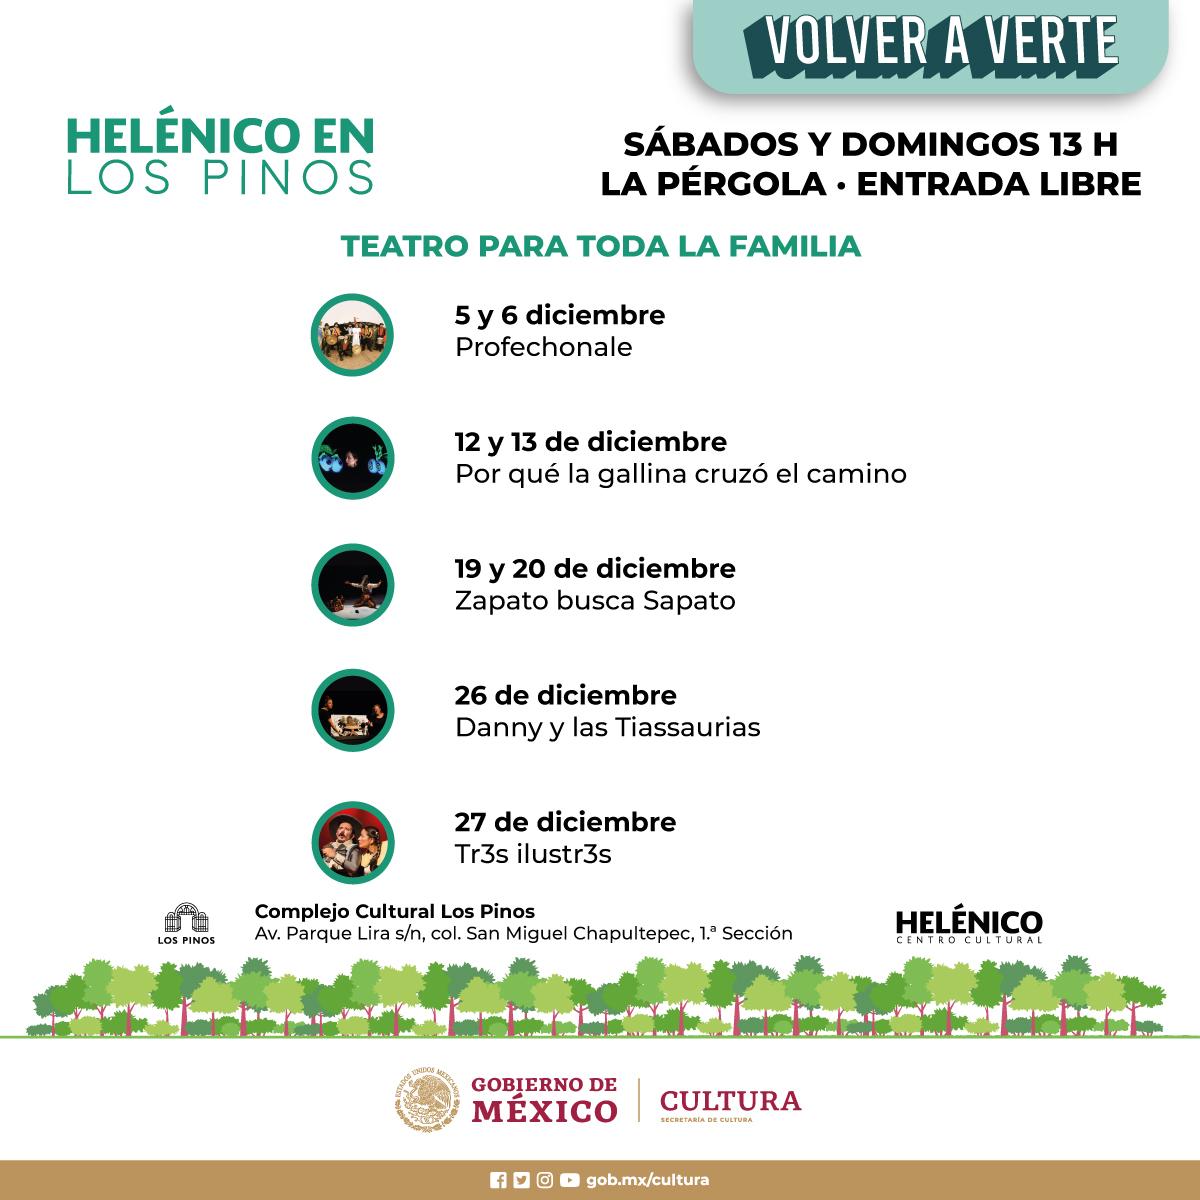 Disfrura la temporada Helénico en Los Pinos 2020